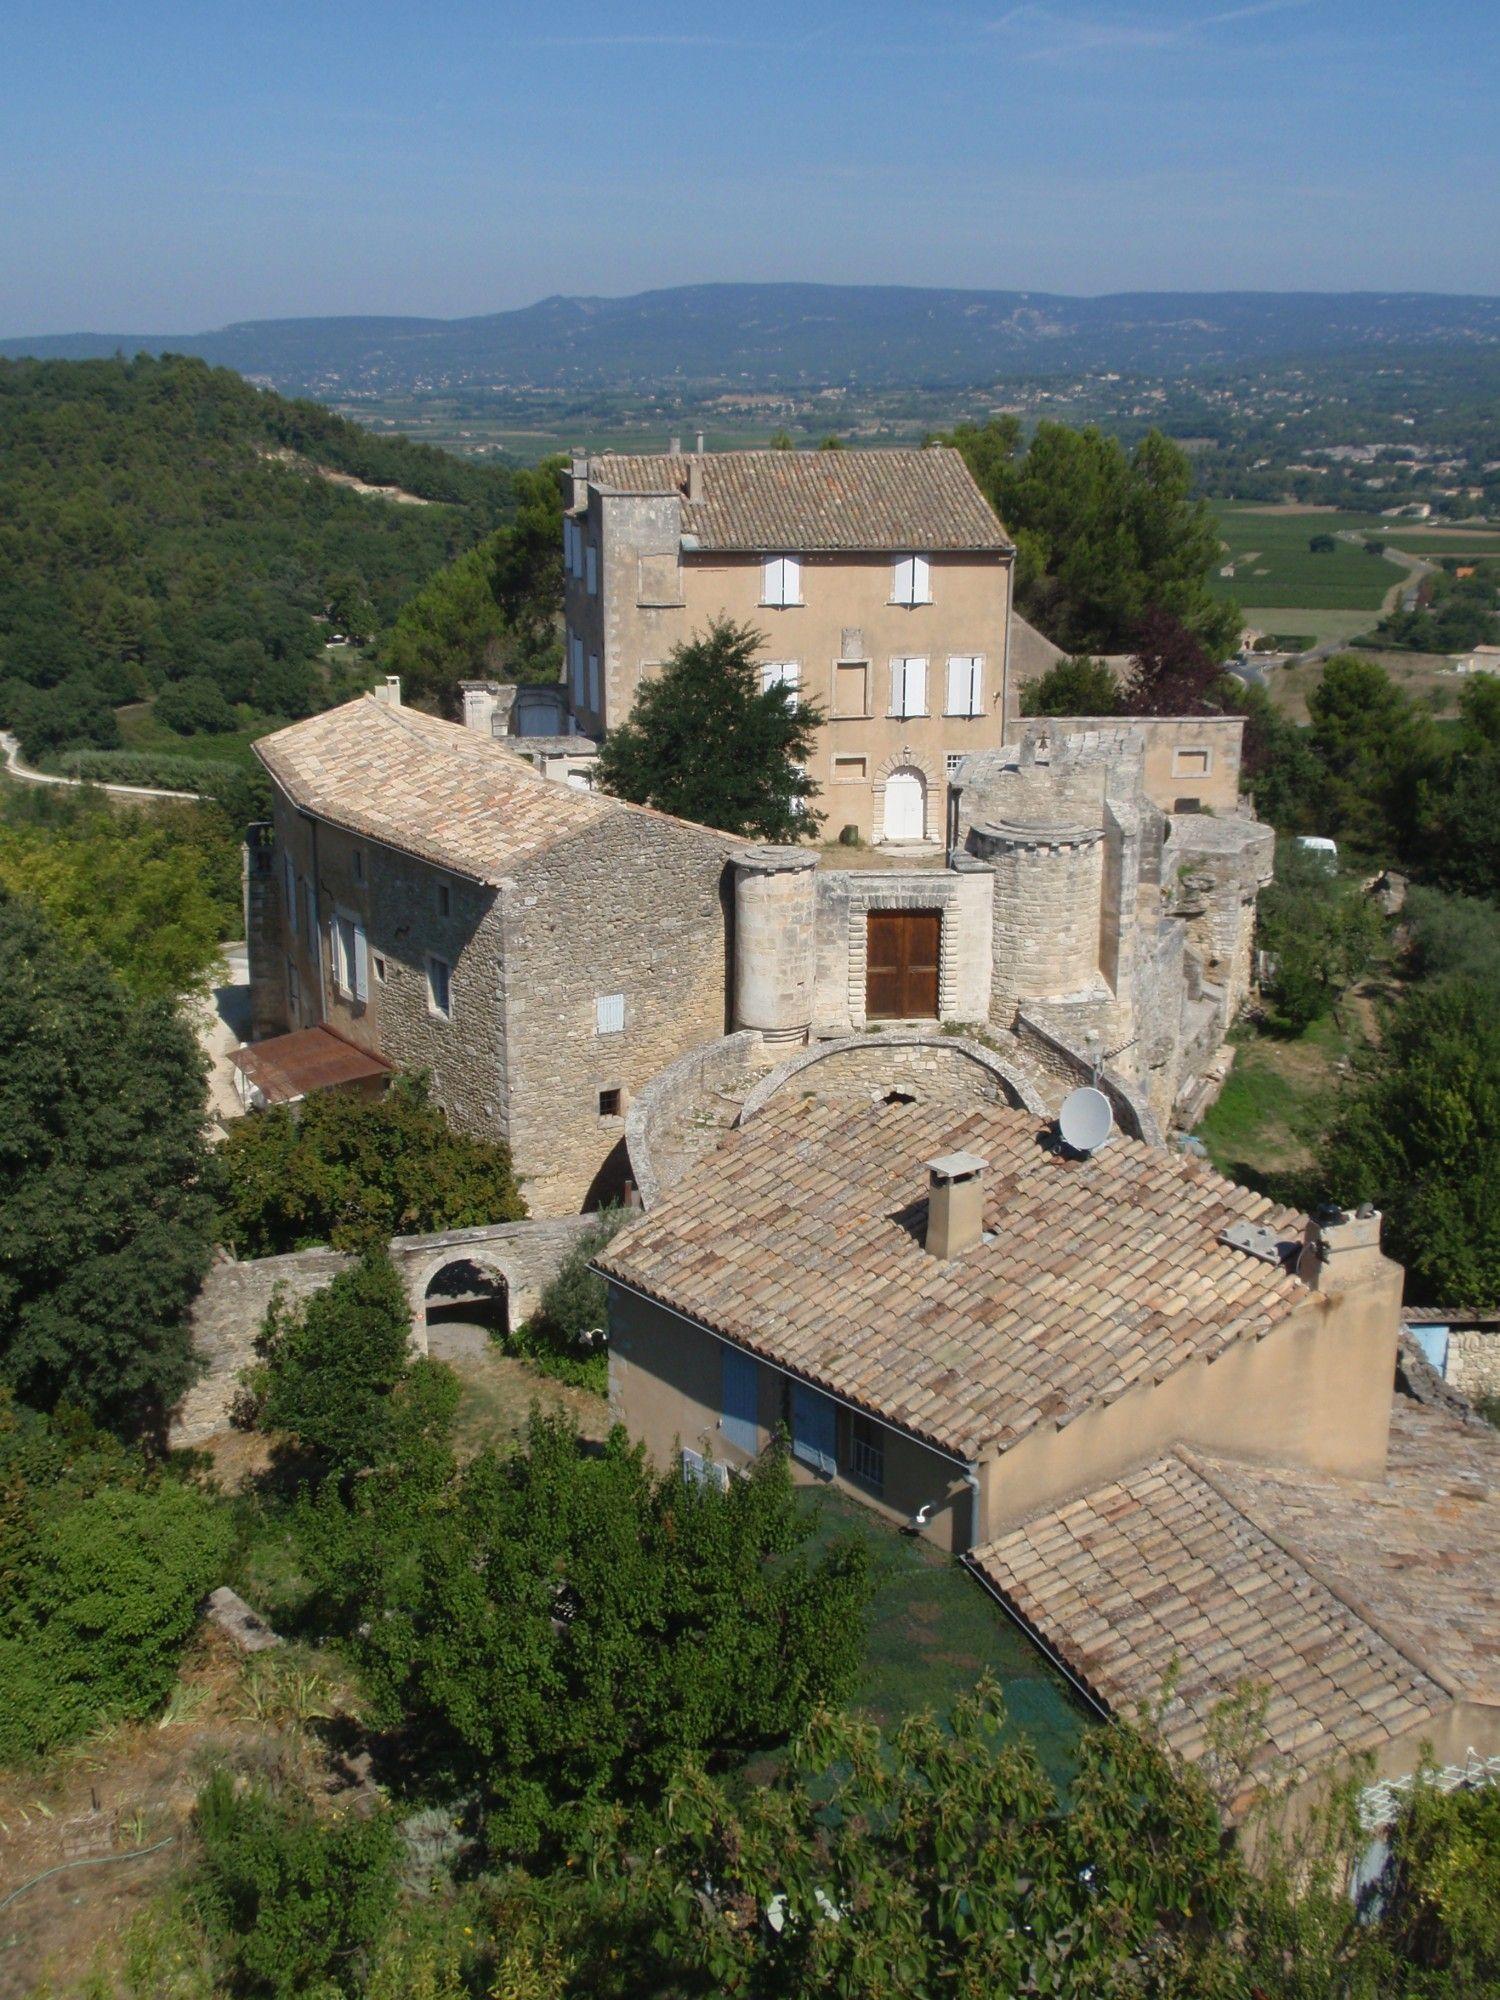 The Castellet of Ménerbes, an ancient little castle in the